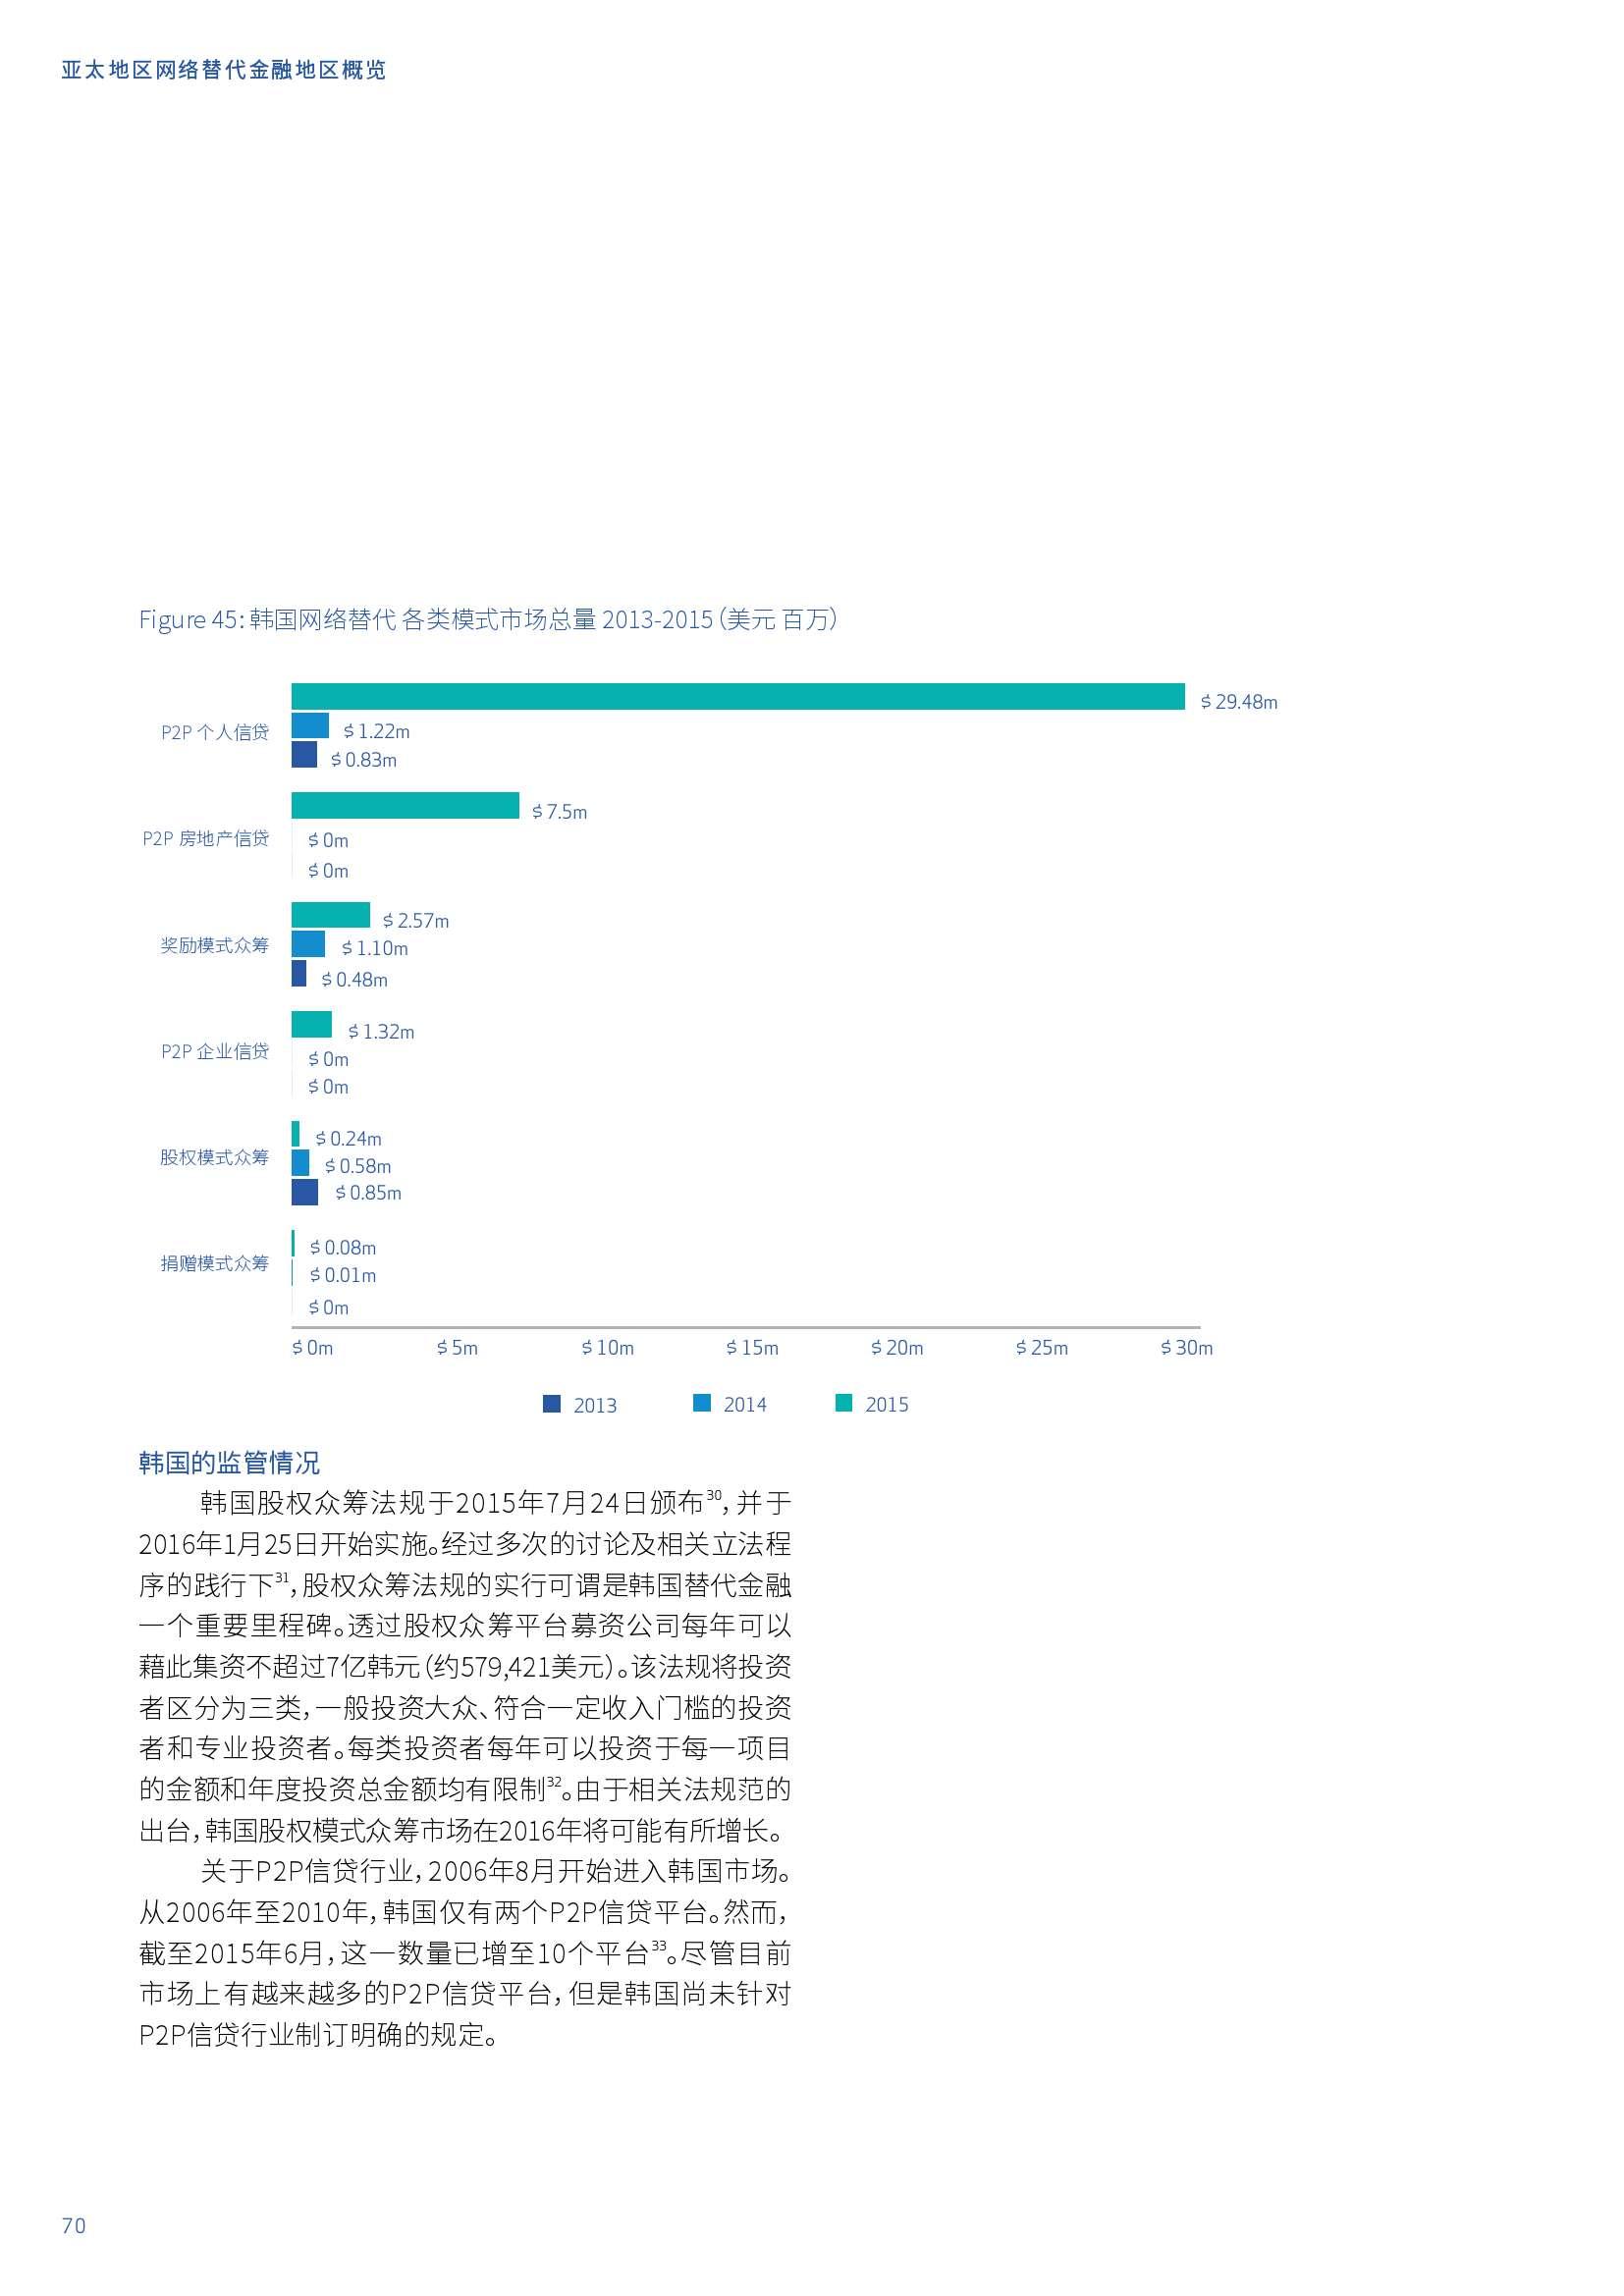 亚太地区网络替代金融基准报告_000070